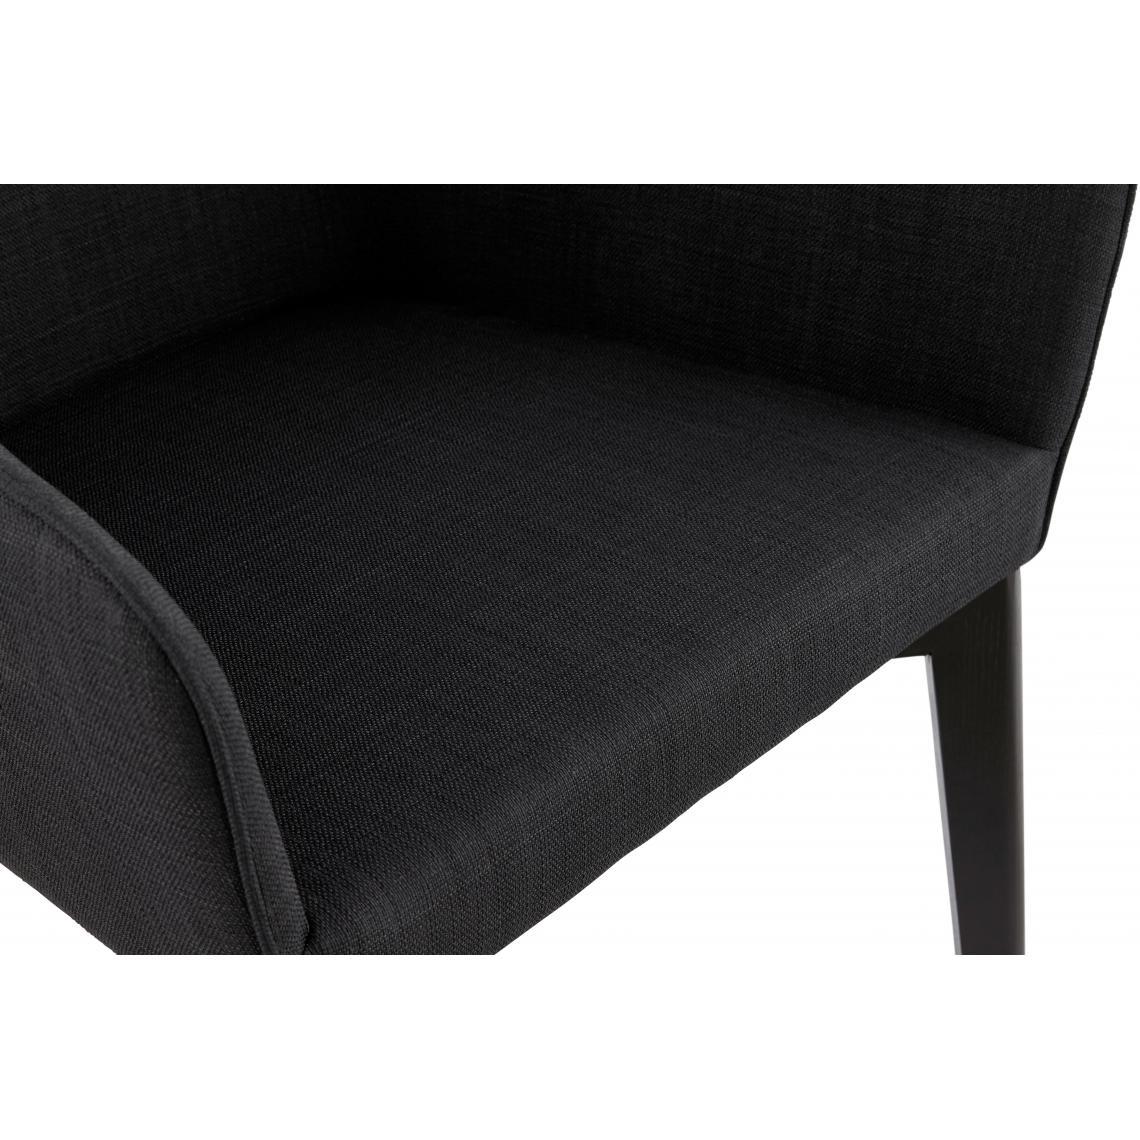 Fauteuil Scandinave Noir Tissu GRIGY | 3 SUISSES